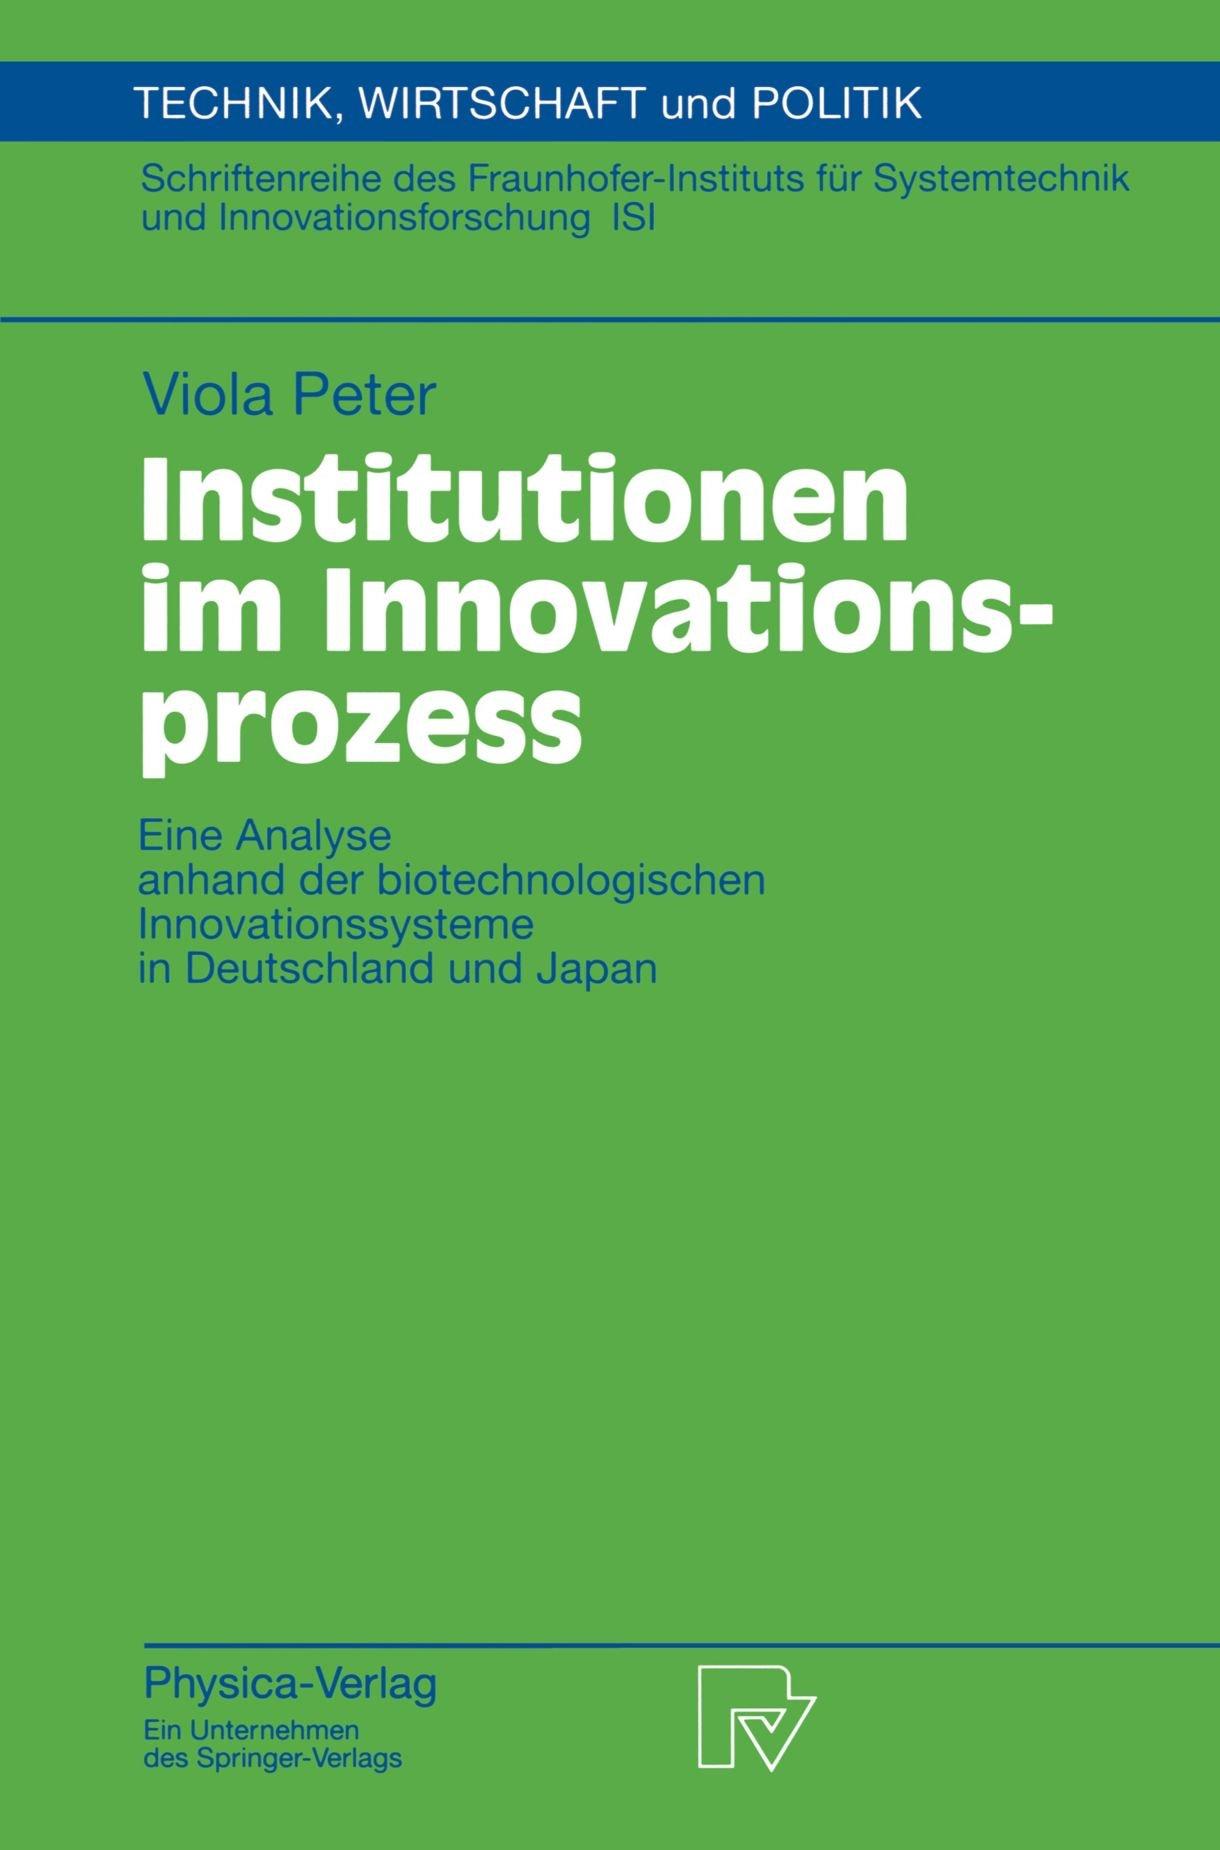 Institutionen im Innovationsprozess: Eine Analyse anhand der biotechnologischen Innovationssysteme in Deutschland und Japan (Technik, Wirtschaft und Politik) (German Edition)